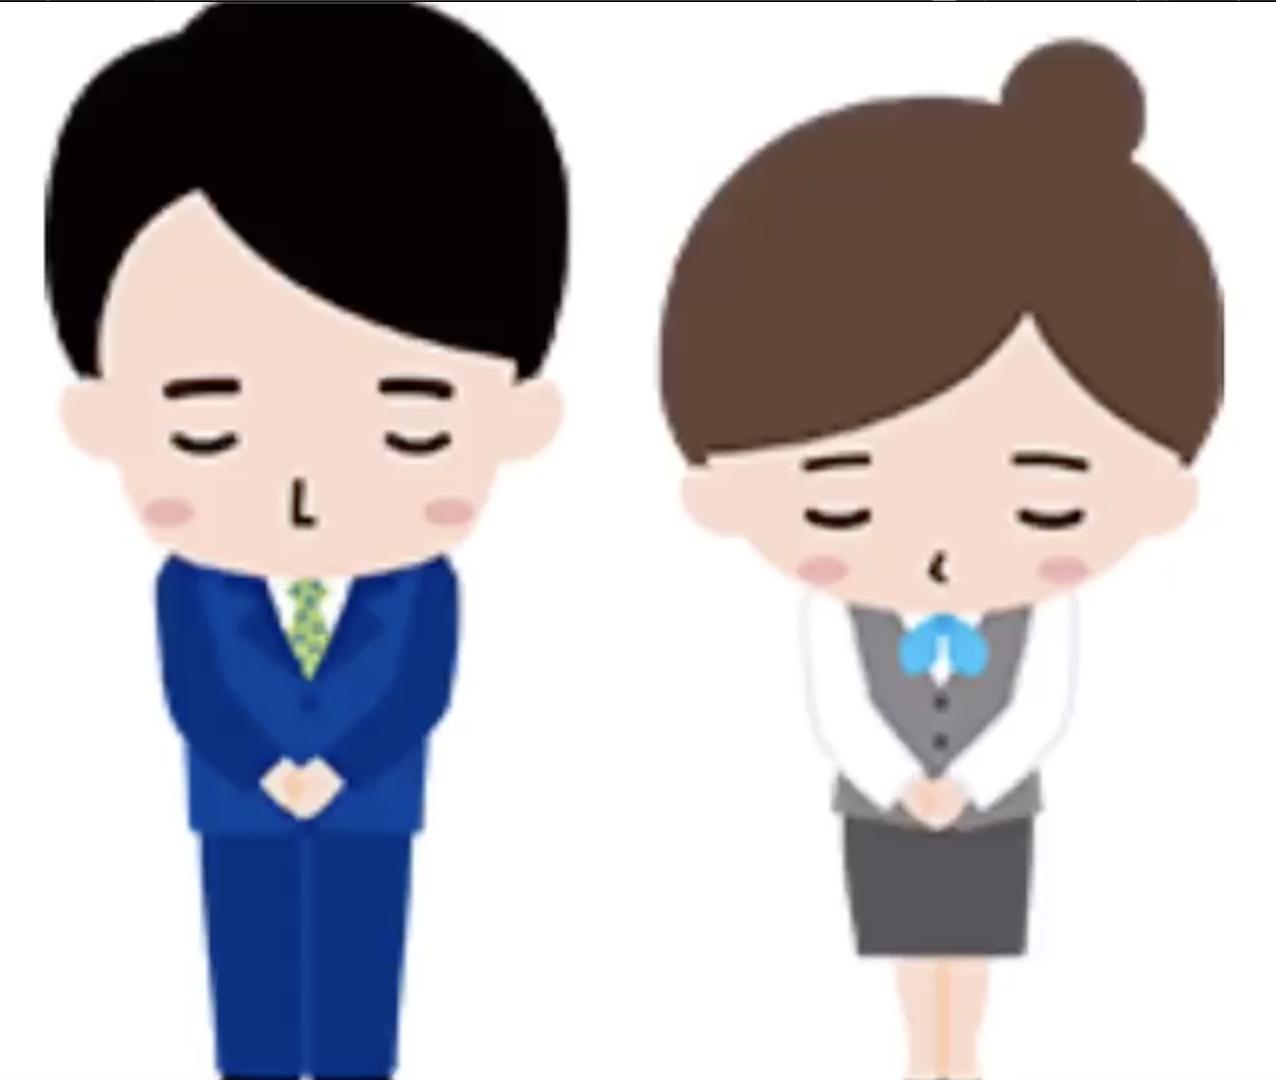 楽市楽座 感染防止の取り組み動画